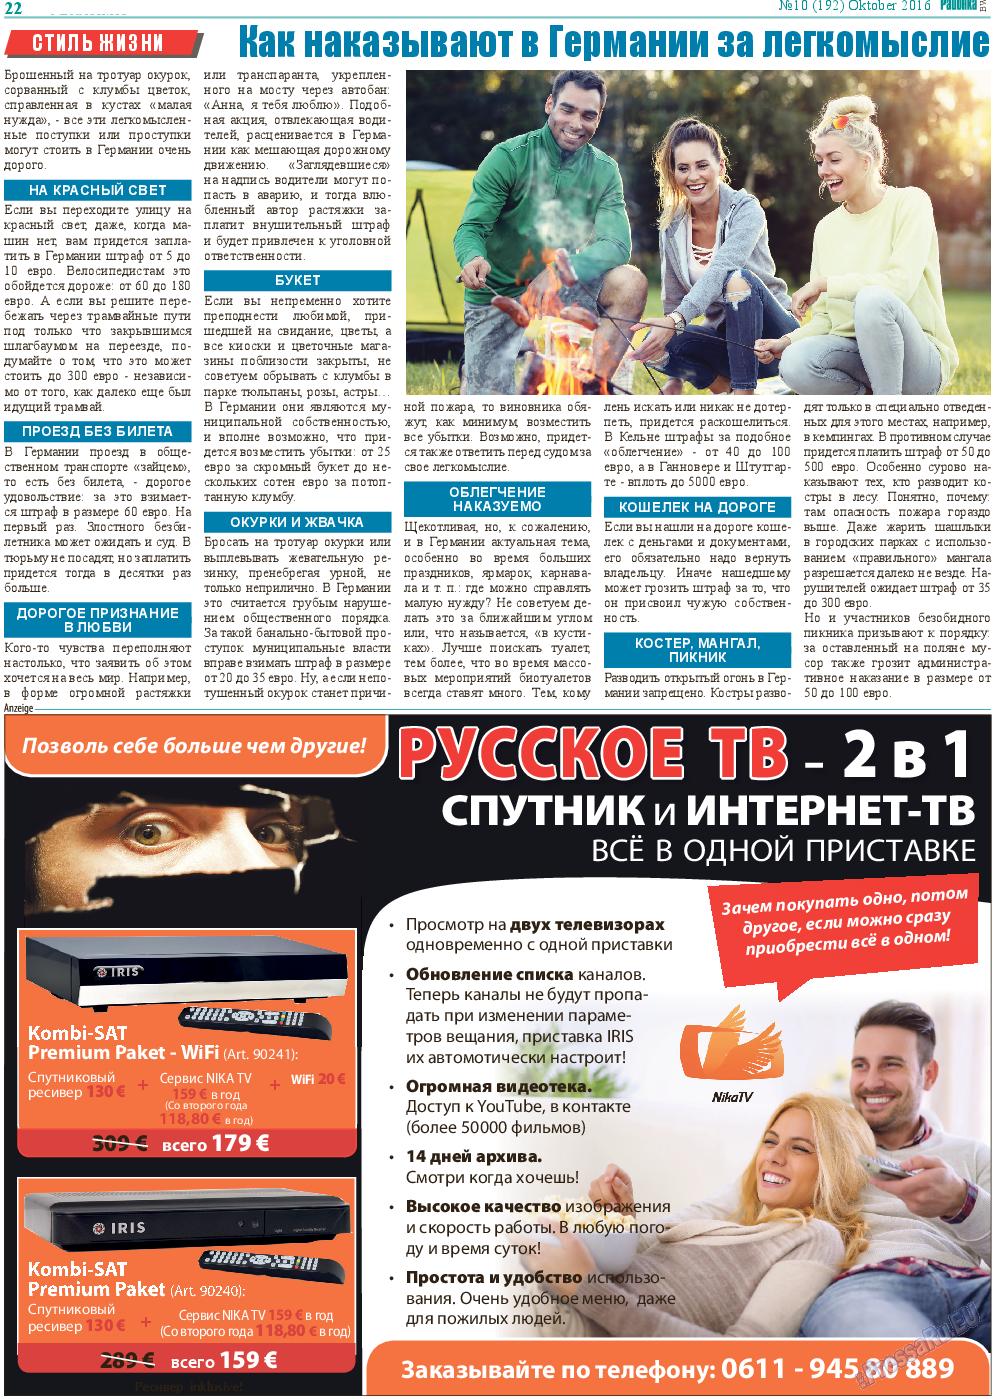 Районка-West (газета). 2016 год, номер 10, стр. 22